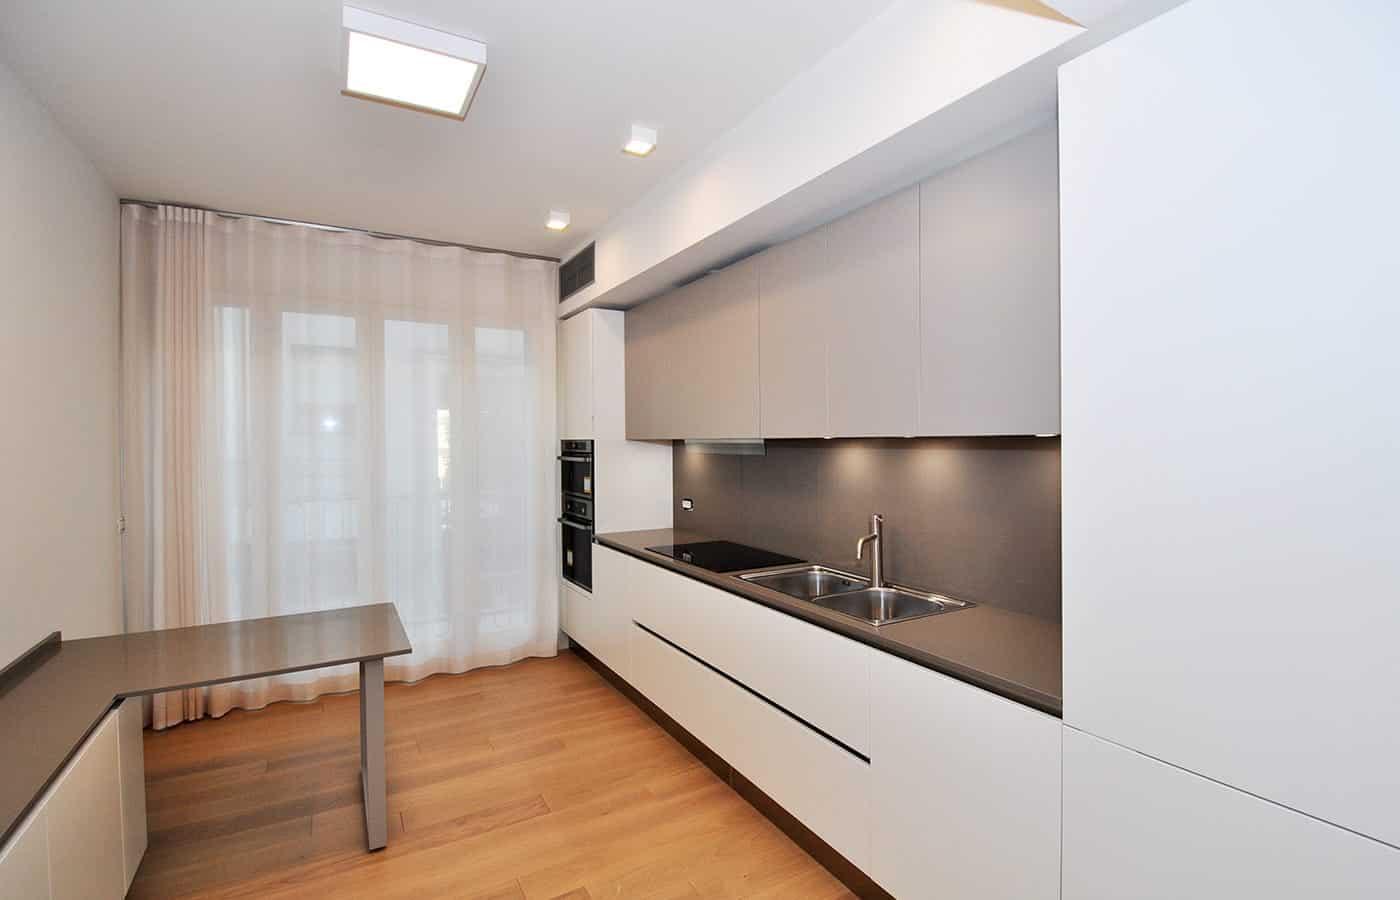 Cucina - Progetto Via Varese Milano - Il Mobile